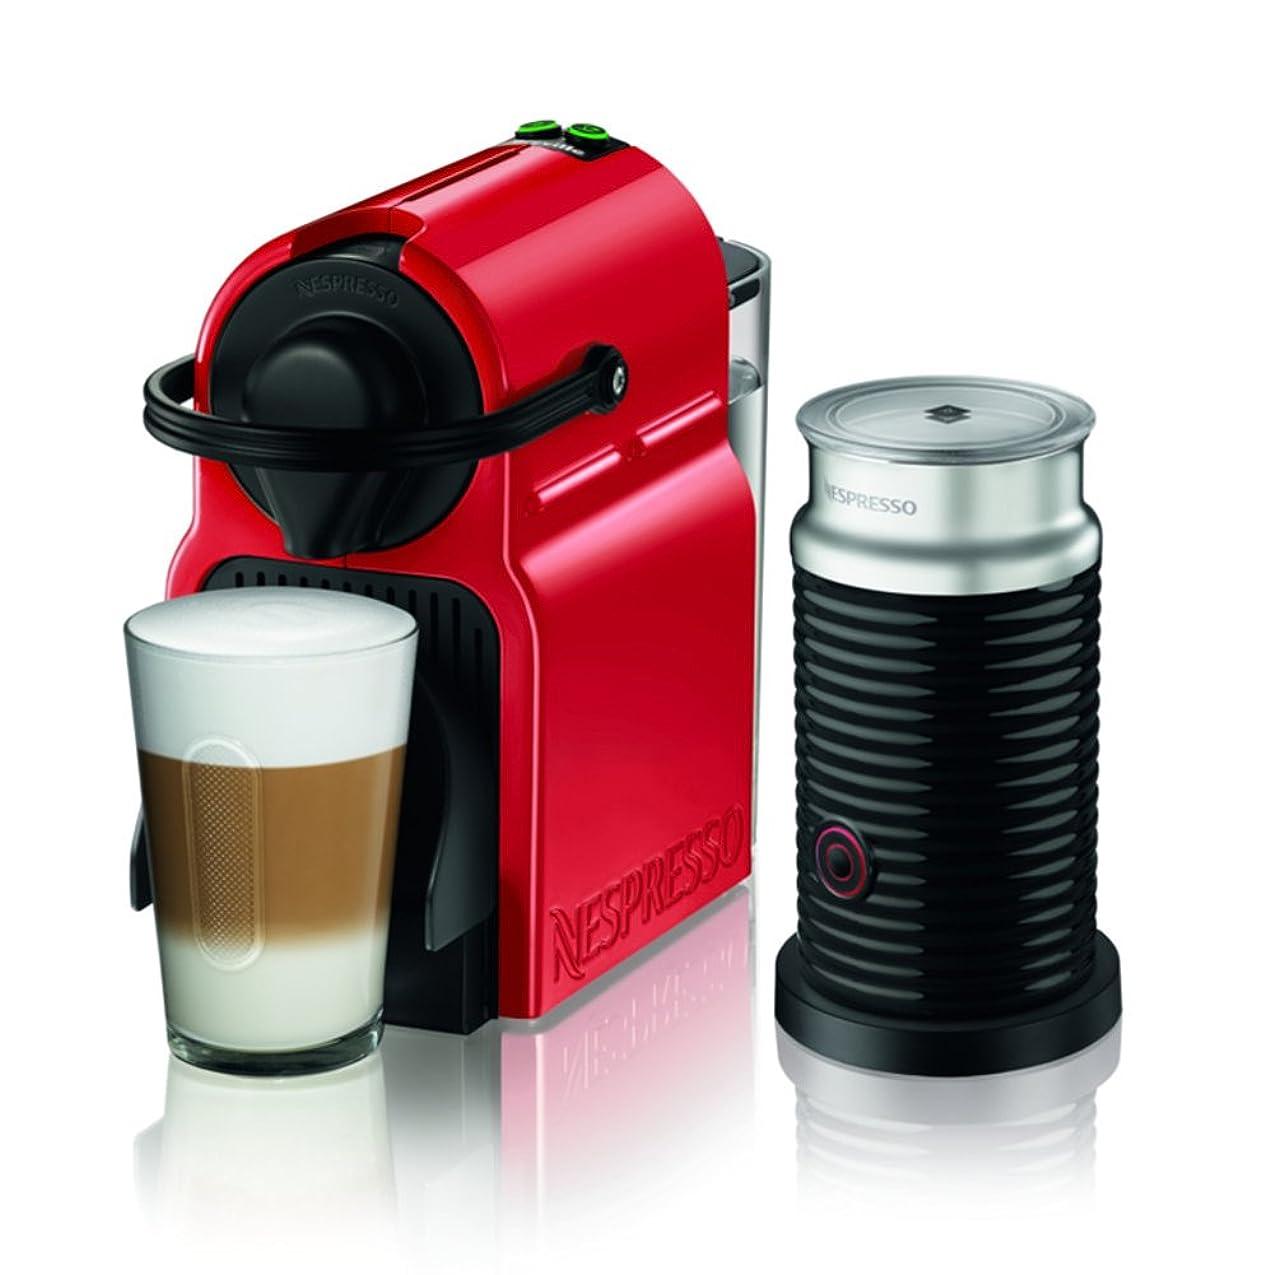 数学的な放射するテナントネスプレッソ コーヒーメーカー イニッシア エアロチーノセット ルビーレッド C40RE-A3B